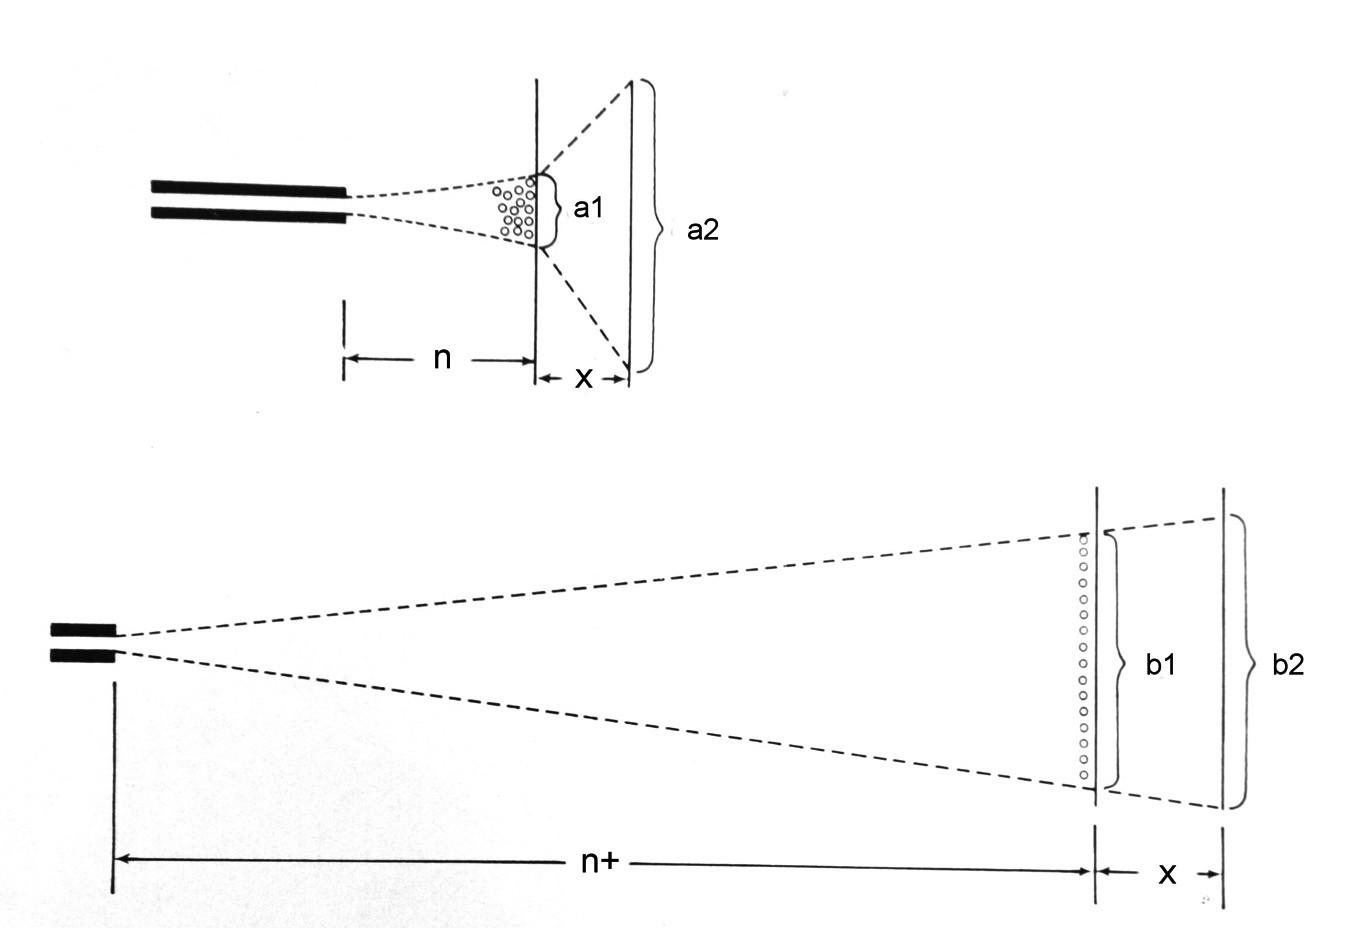 Schéma 1. Efekt biliárové koule. Při střelbě z menší vzdálenosti (n) je roj broků kompaktní, v okamžiku zásahu prvotního cíle (a1) jsou vedoucí broky zbrzděny a následně ovlivněny dalšími broky brokové shluku – dochází k patrnému rozptylu broků (a2), který je obvykle pozorován (b2) až při mnohem větší vzdálenosti střelby (n+; modifikováno dle Spitz,W.U., 1973)